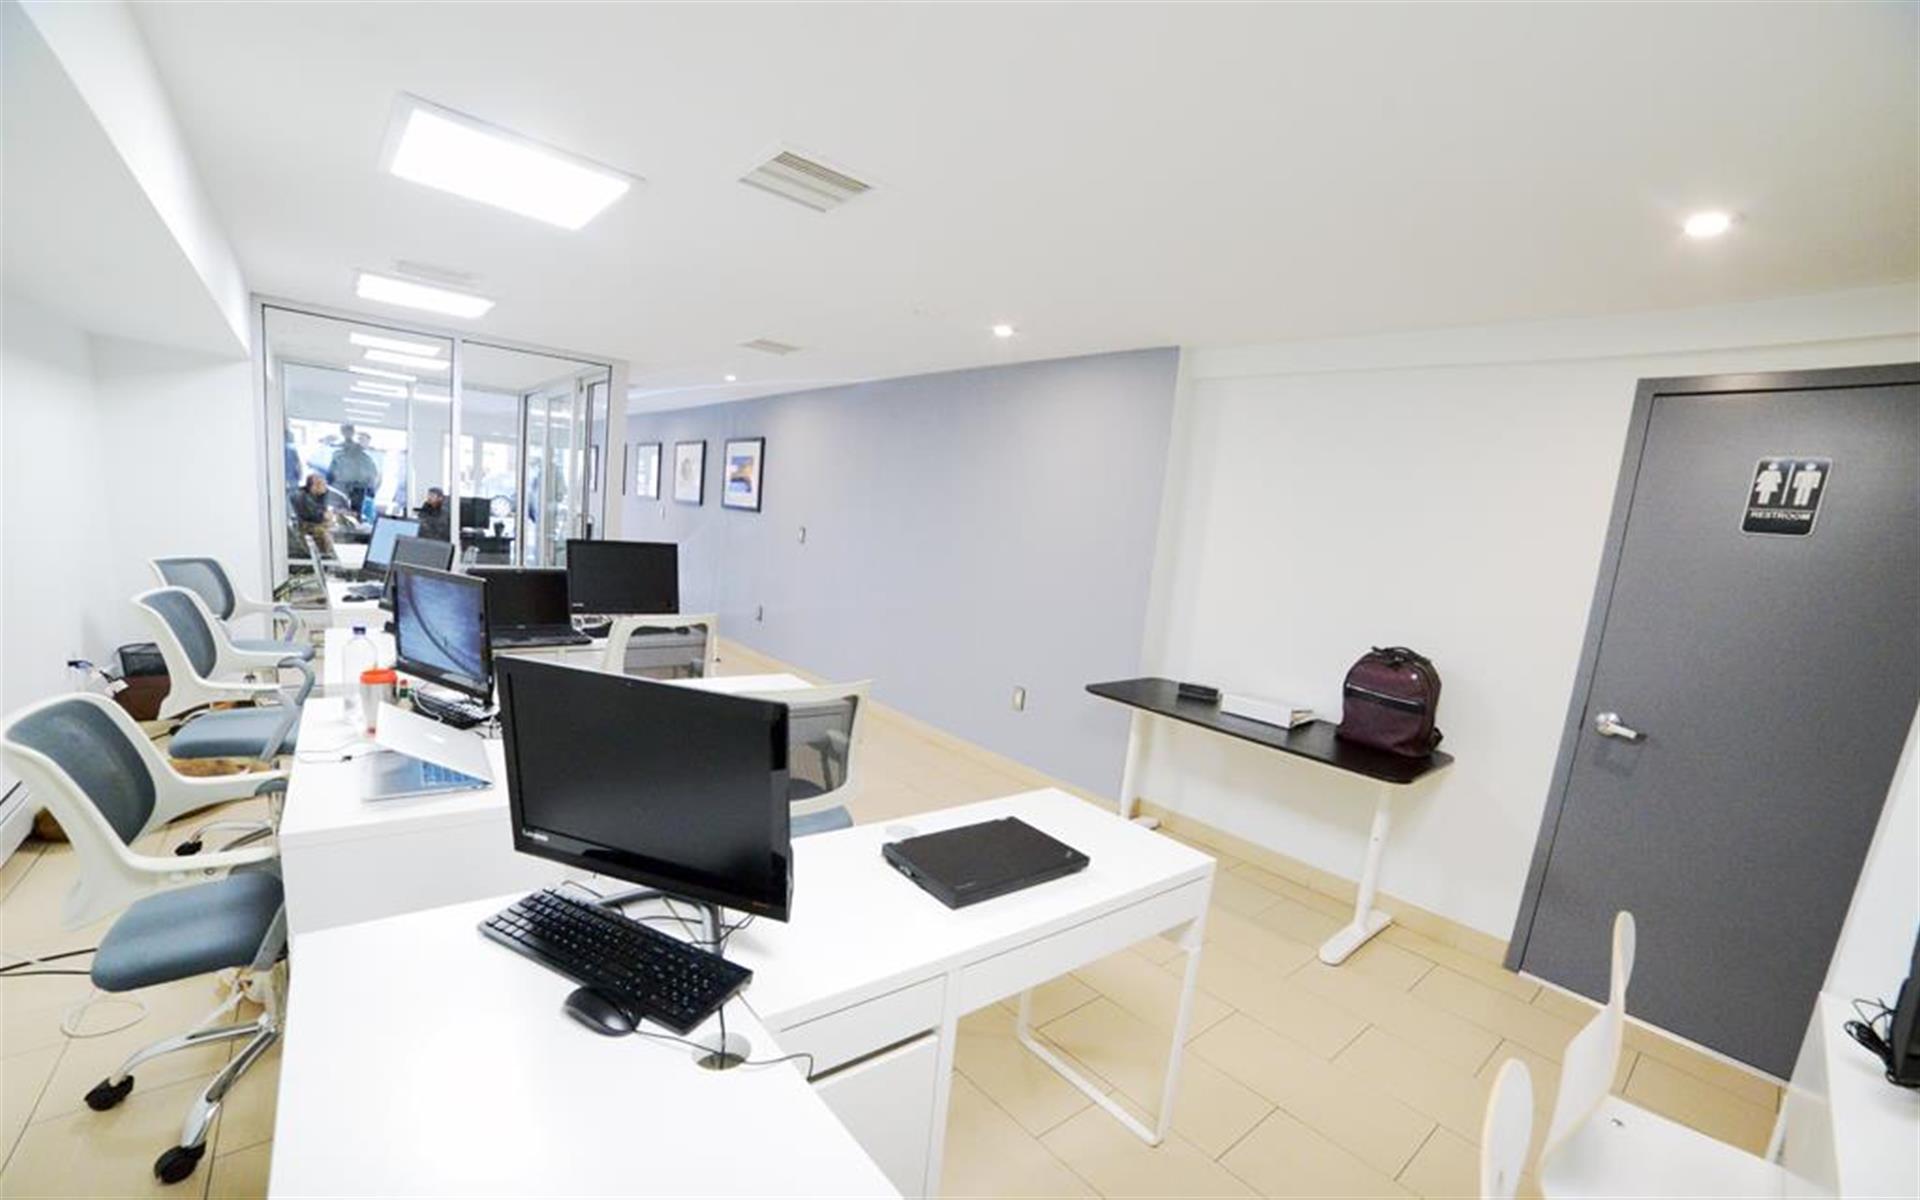 Flexible Office Space- NoMad - Park Avenue Desk